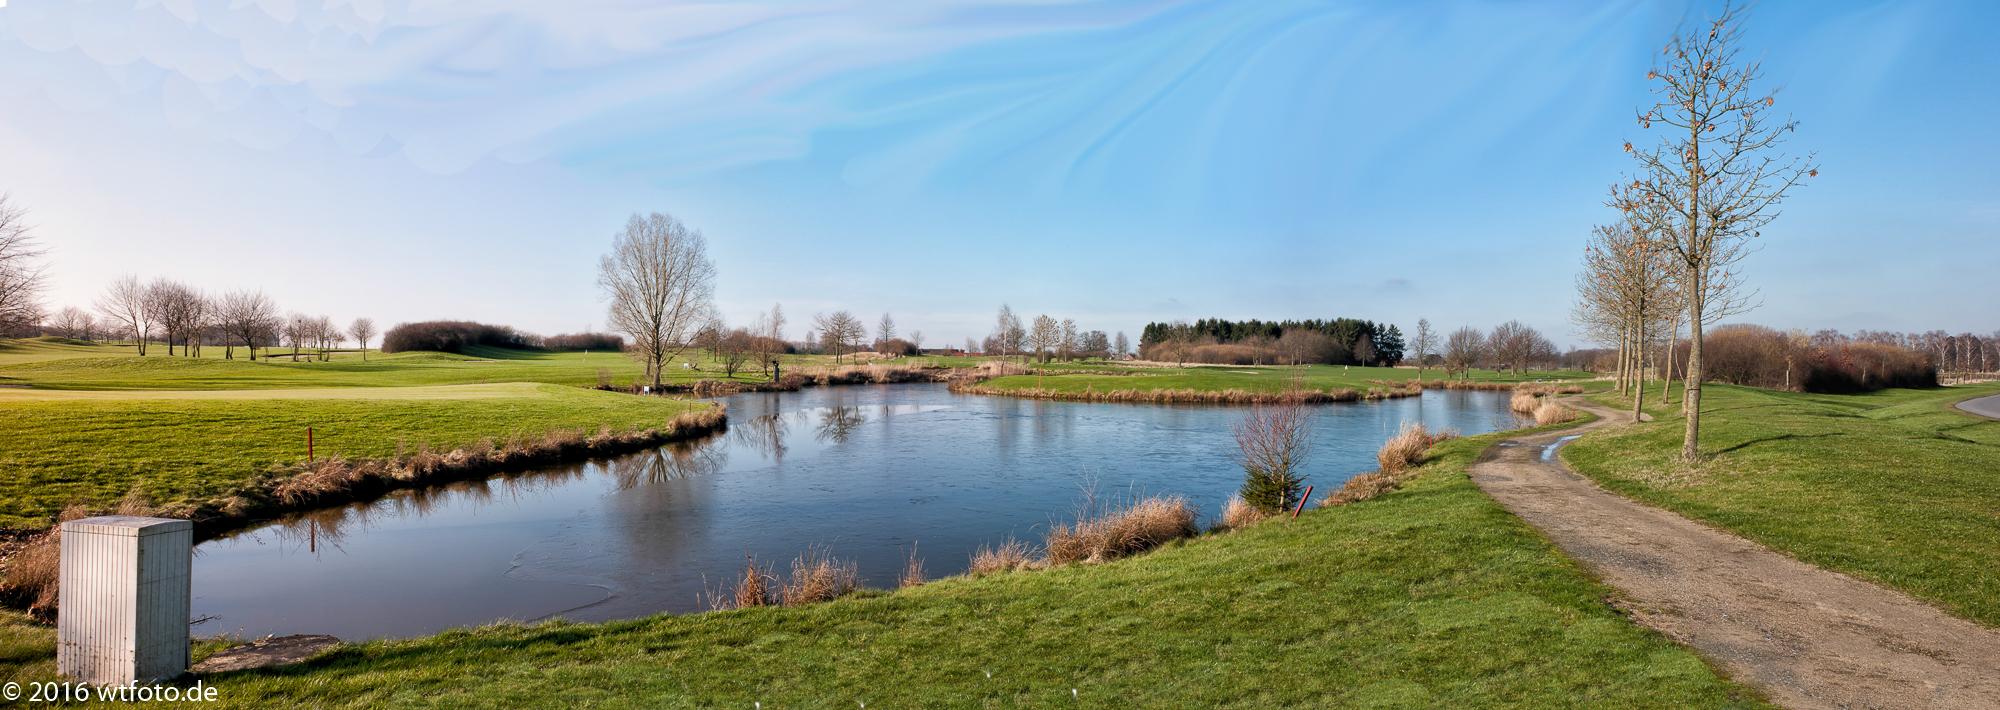 Panoramaansicht mit Grün 6 und Teich zum Grün 9